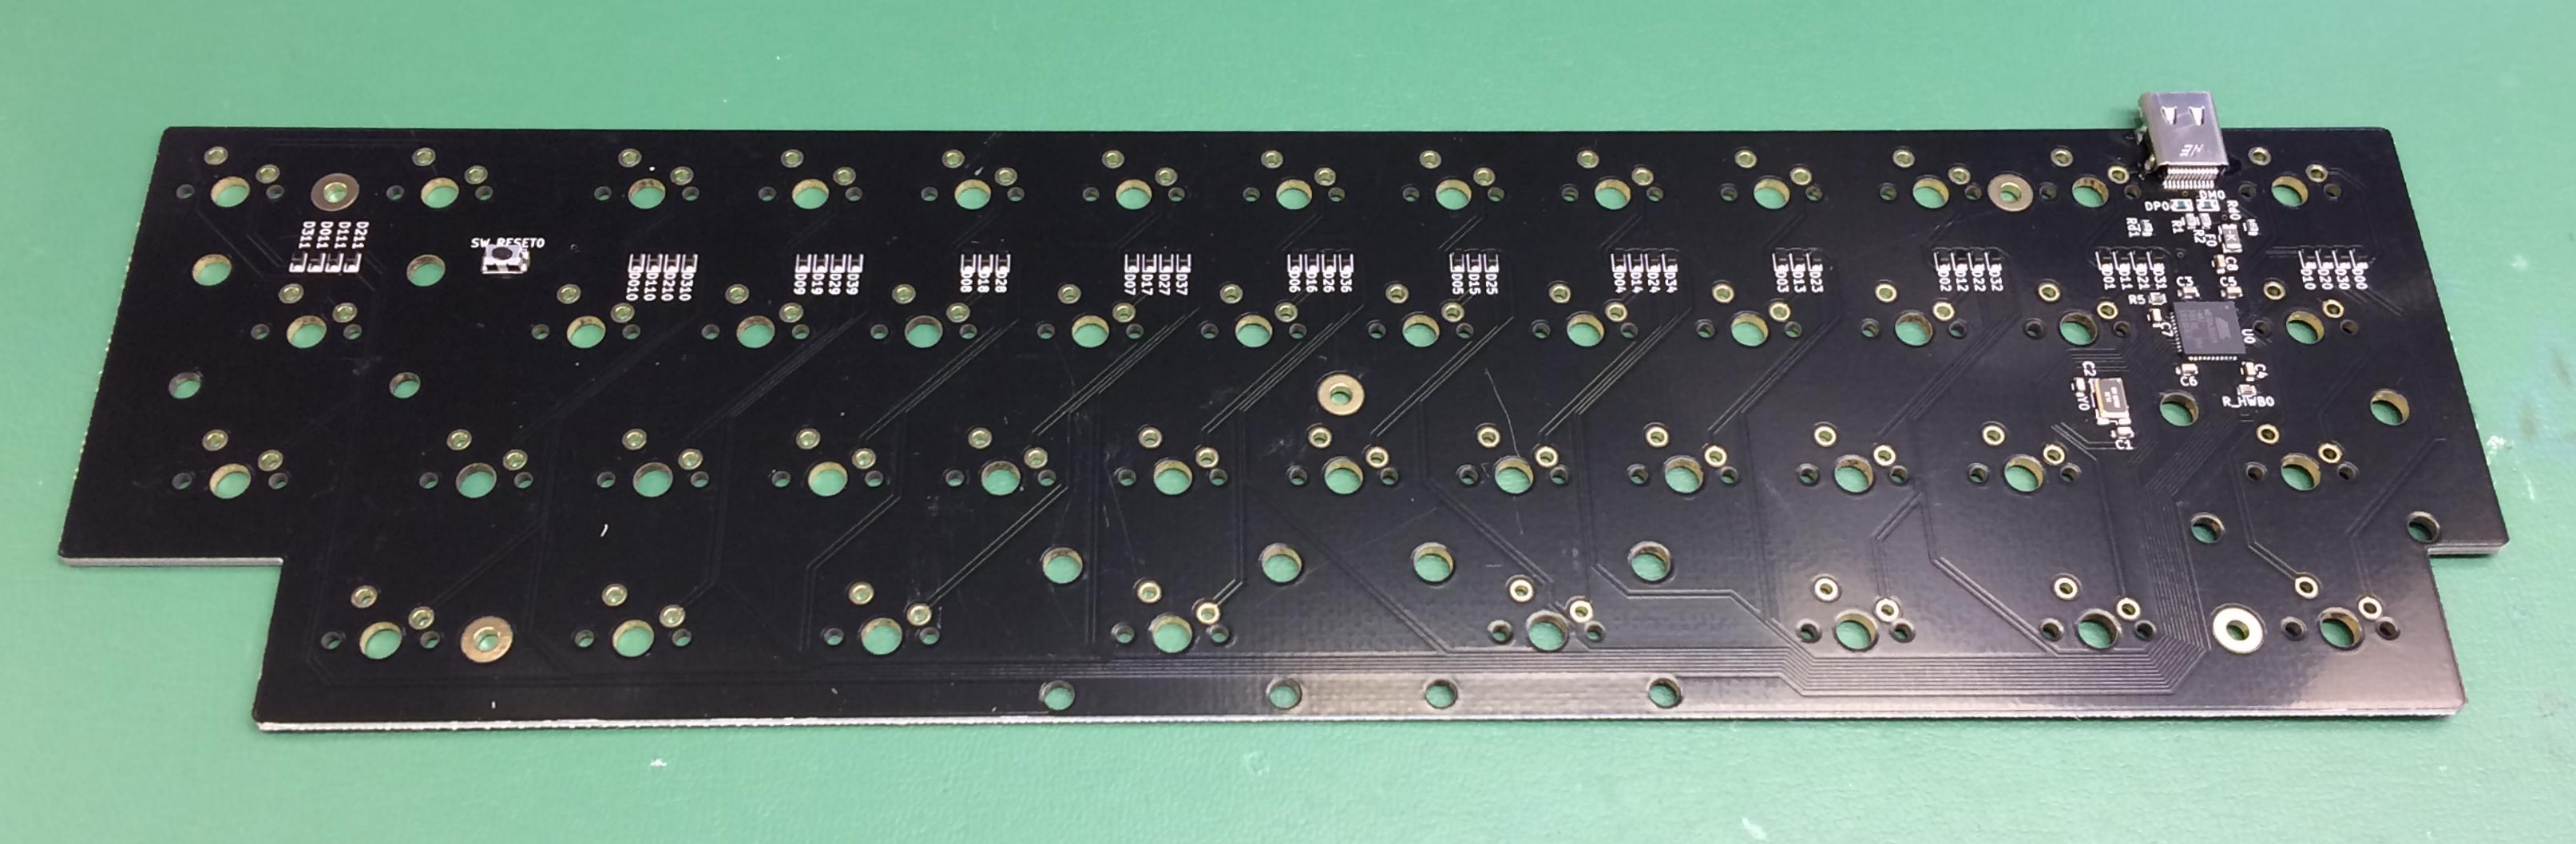 TtocyobItna PCB back